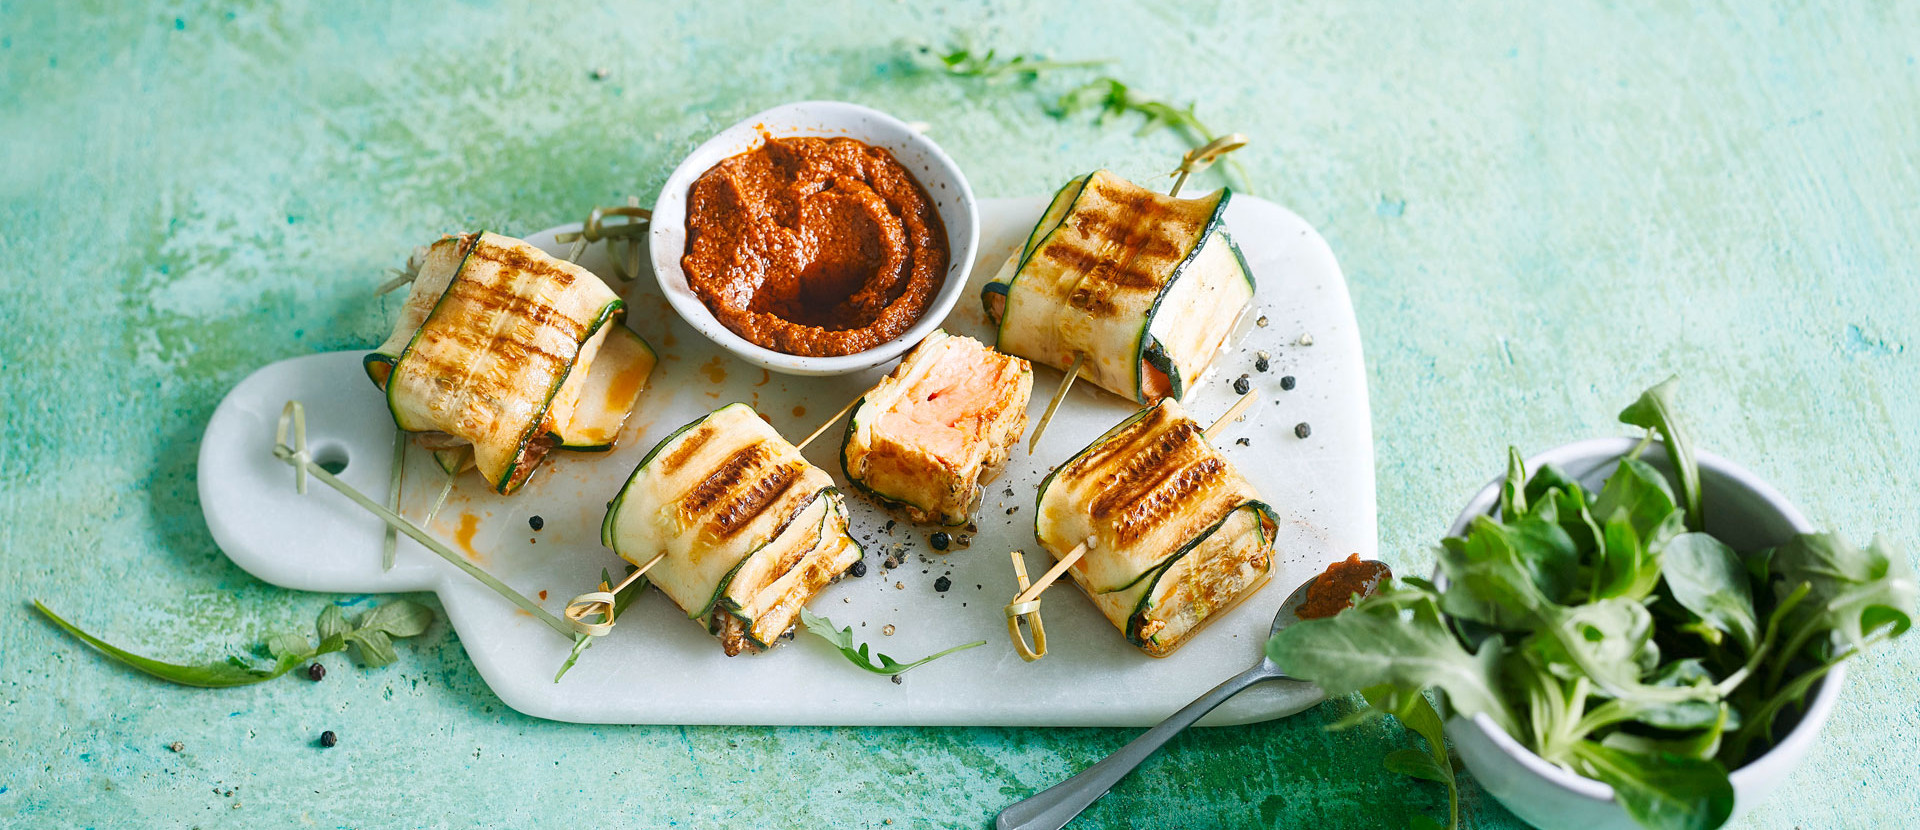 Lachspaeckchen mit Zucchini und Pesto